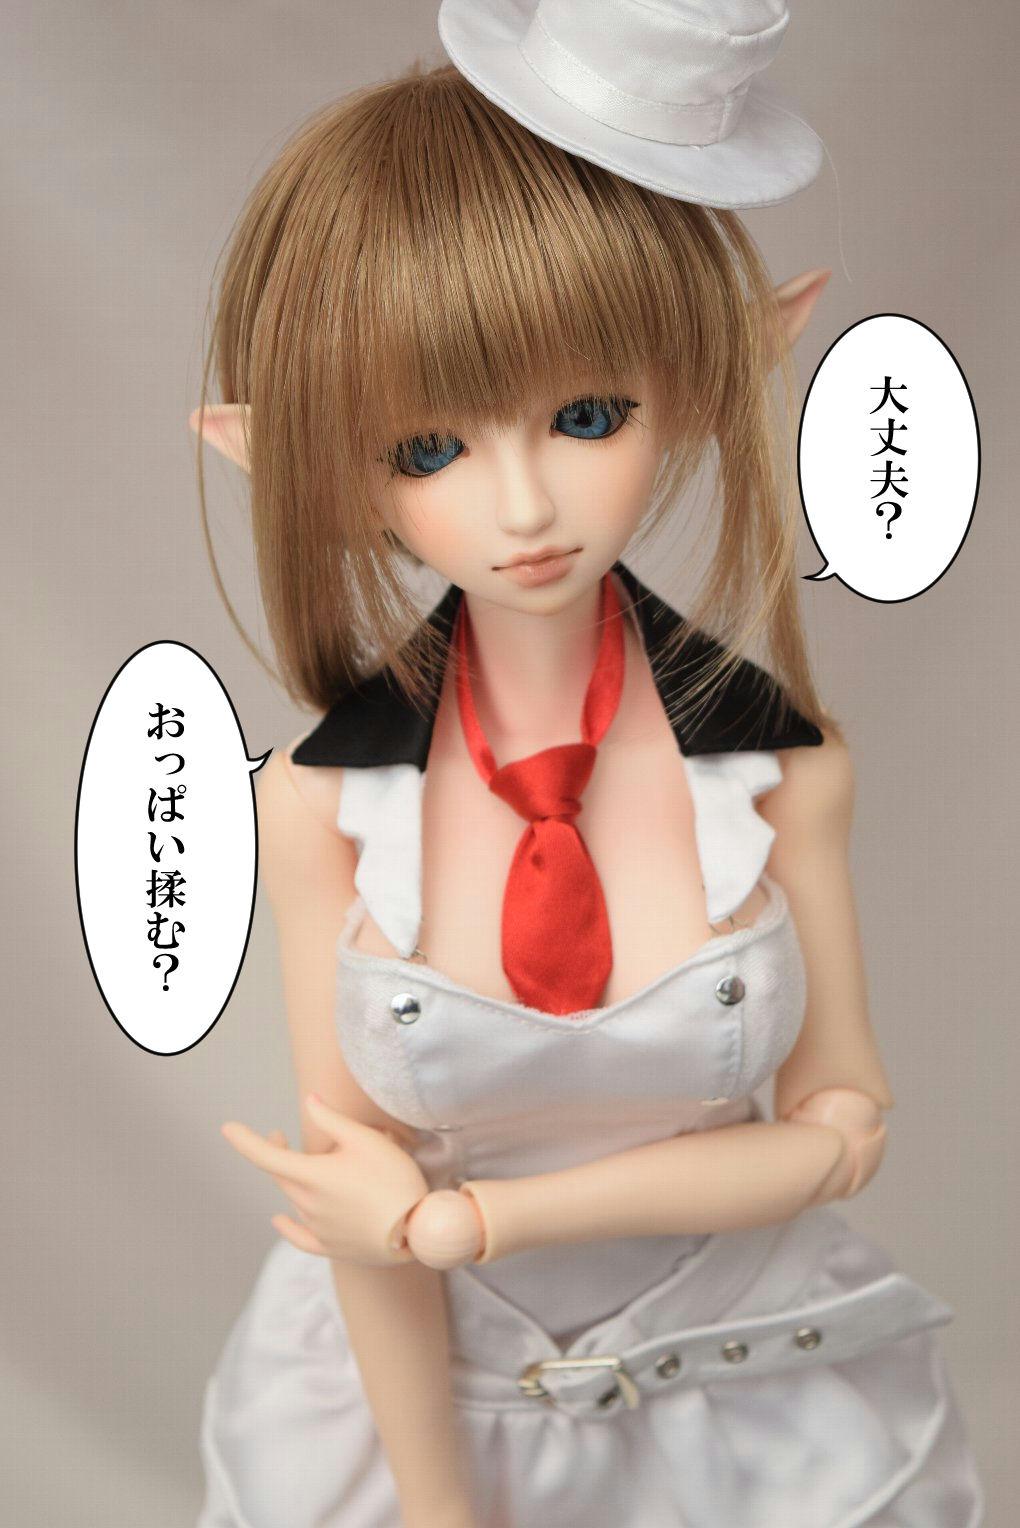 doll_3807_oppai.jpg